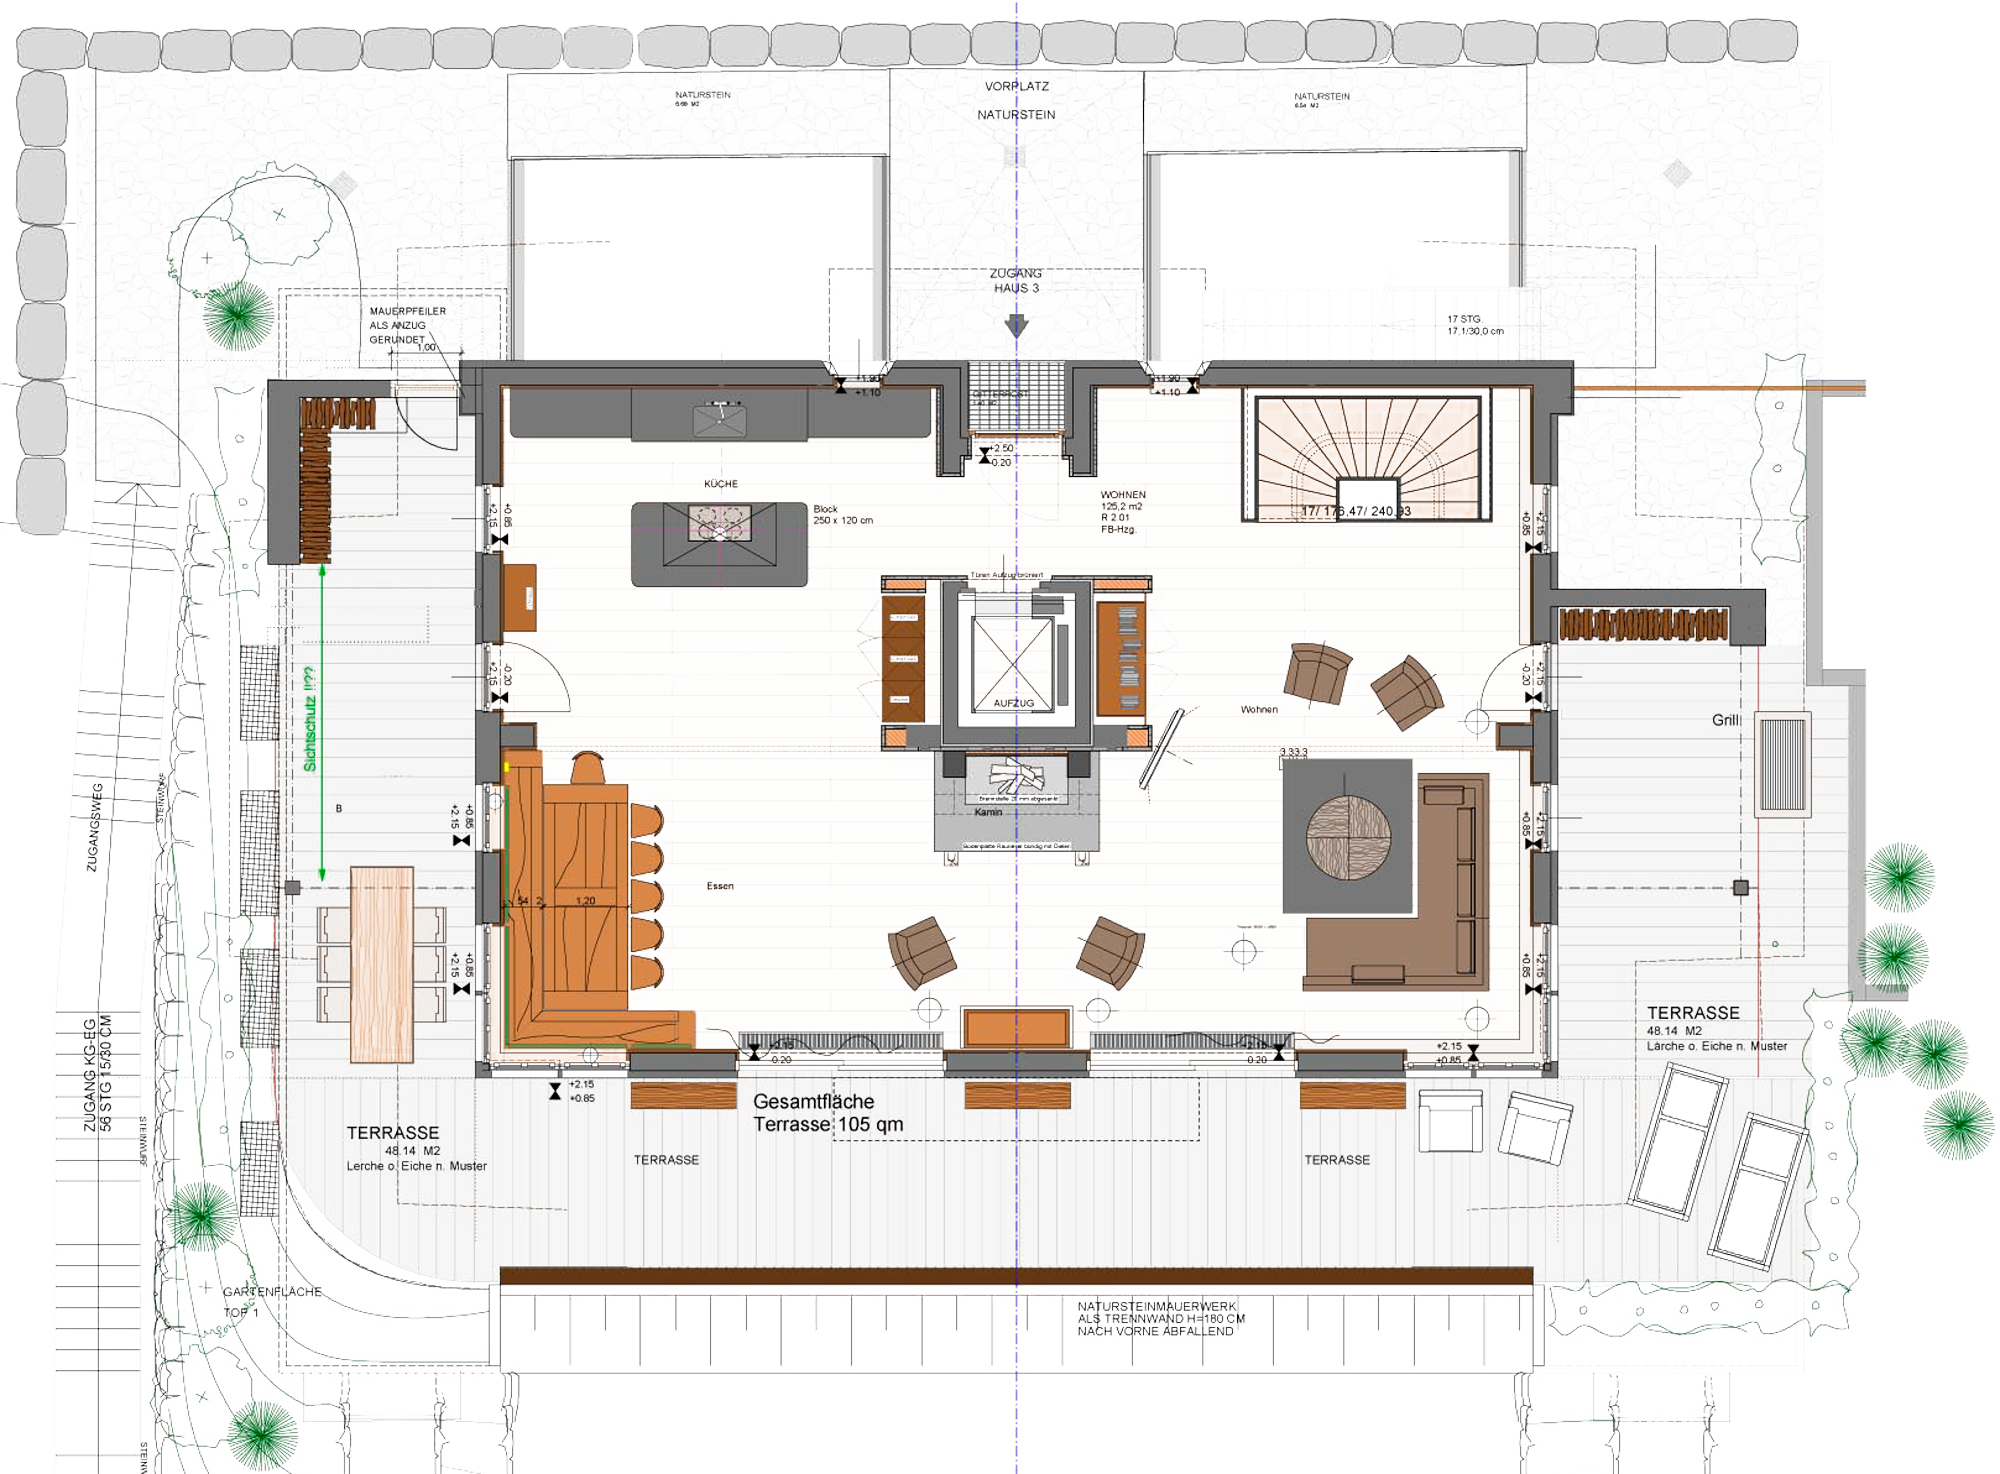 Grundriss 2. Obergeschoss Chalet am Lutzenberg